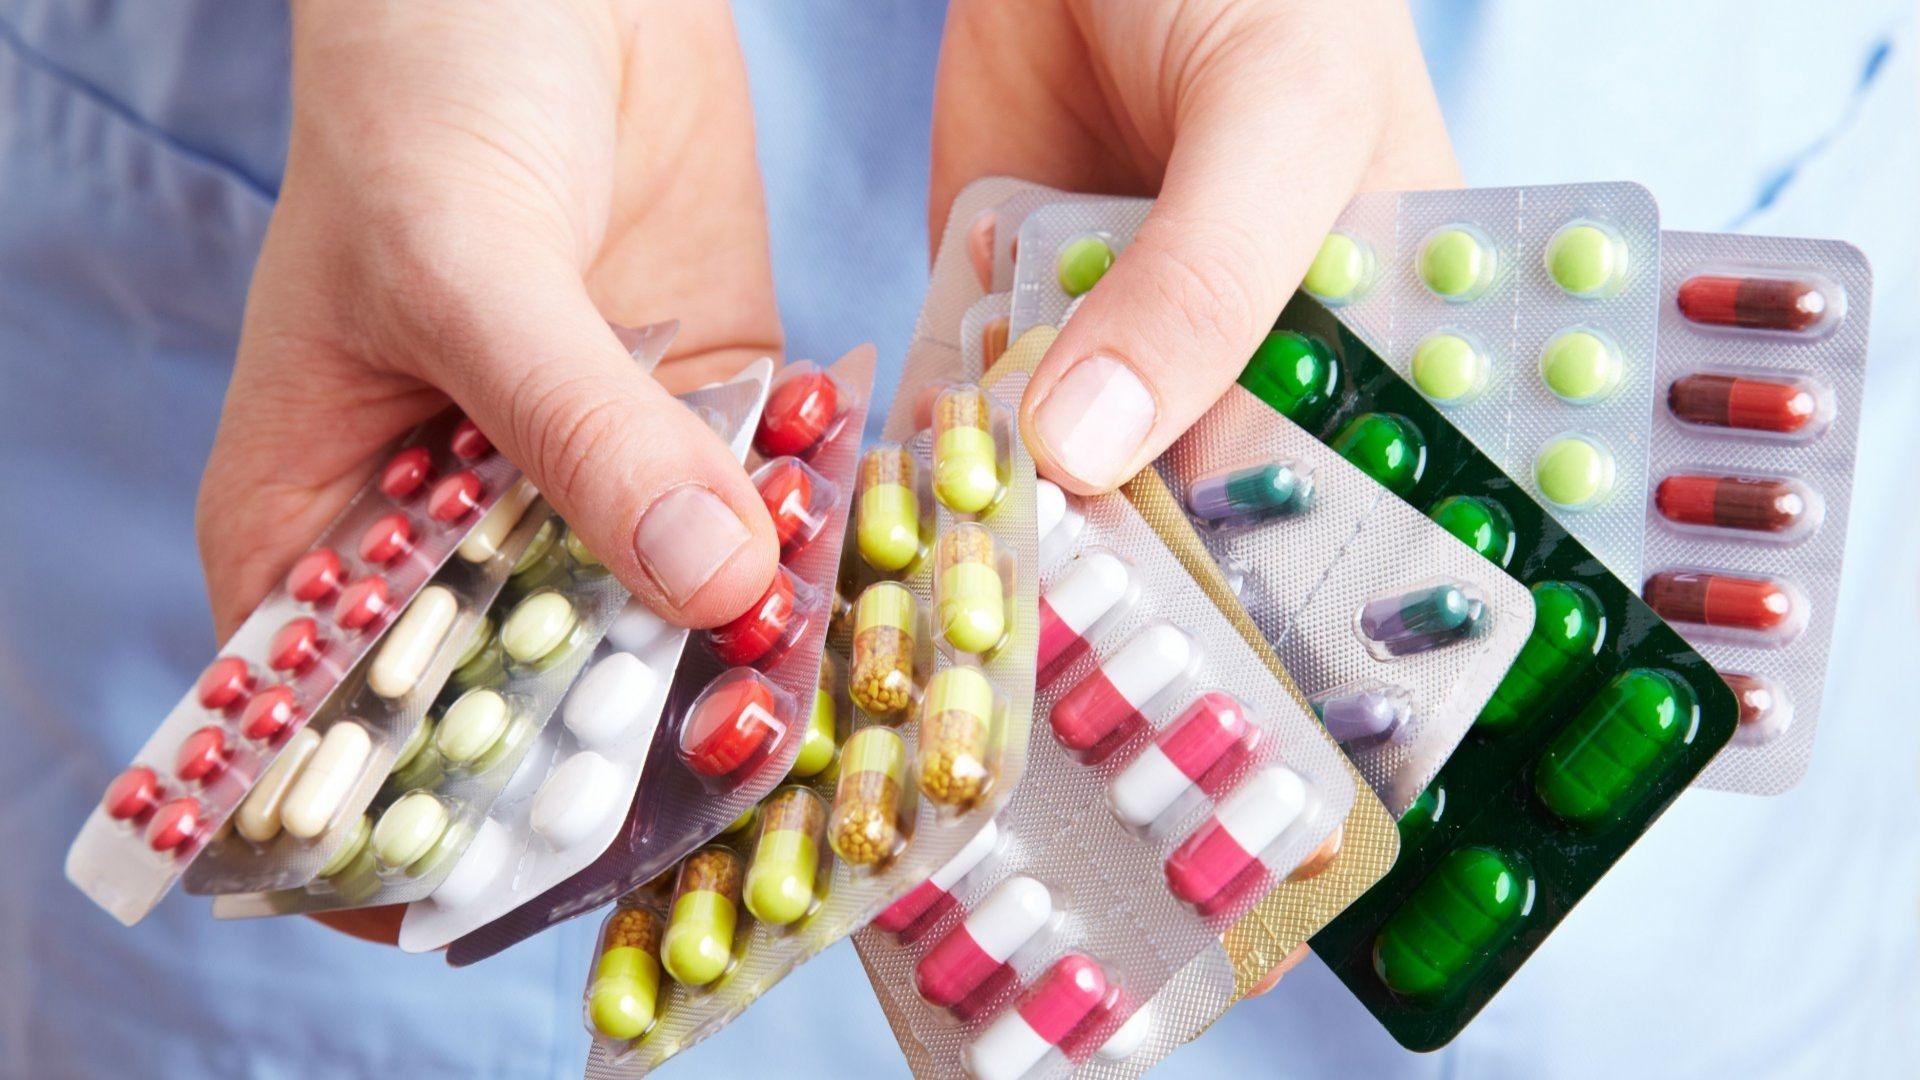 Не ешьте лекарства, подумайте. К новости о разработке терапии COVID-19 на основе мефлохина